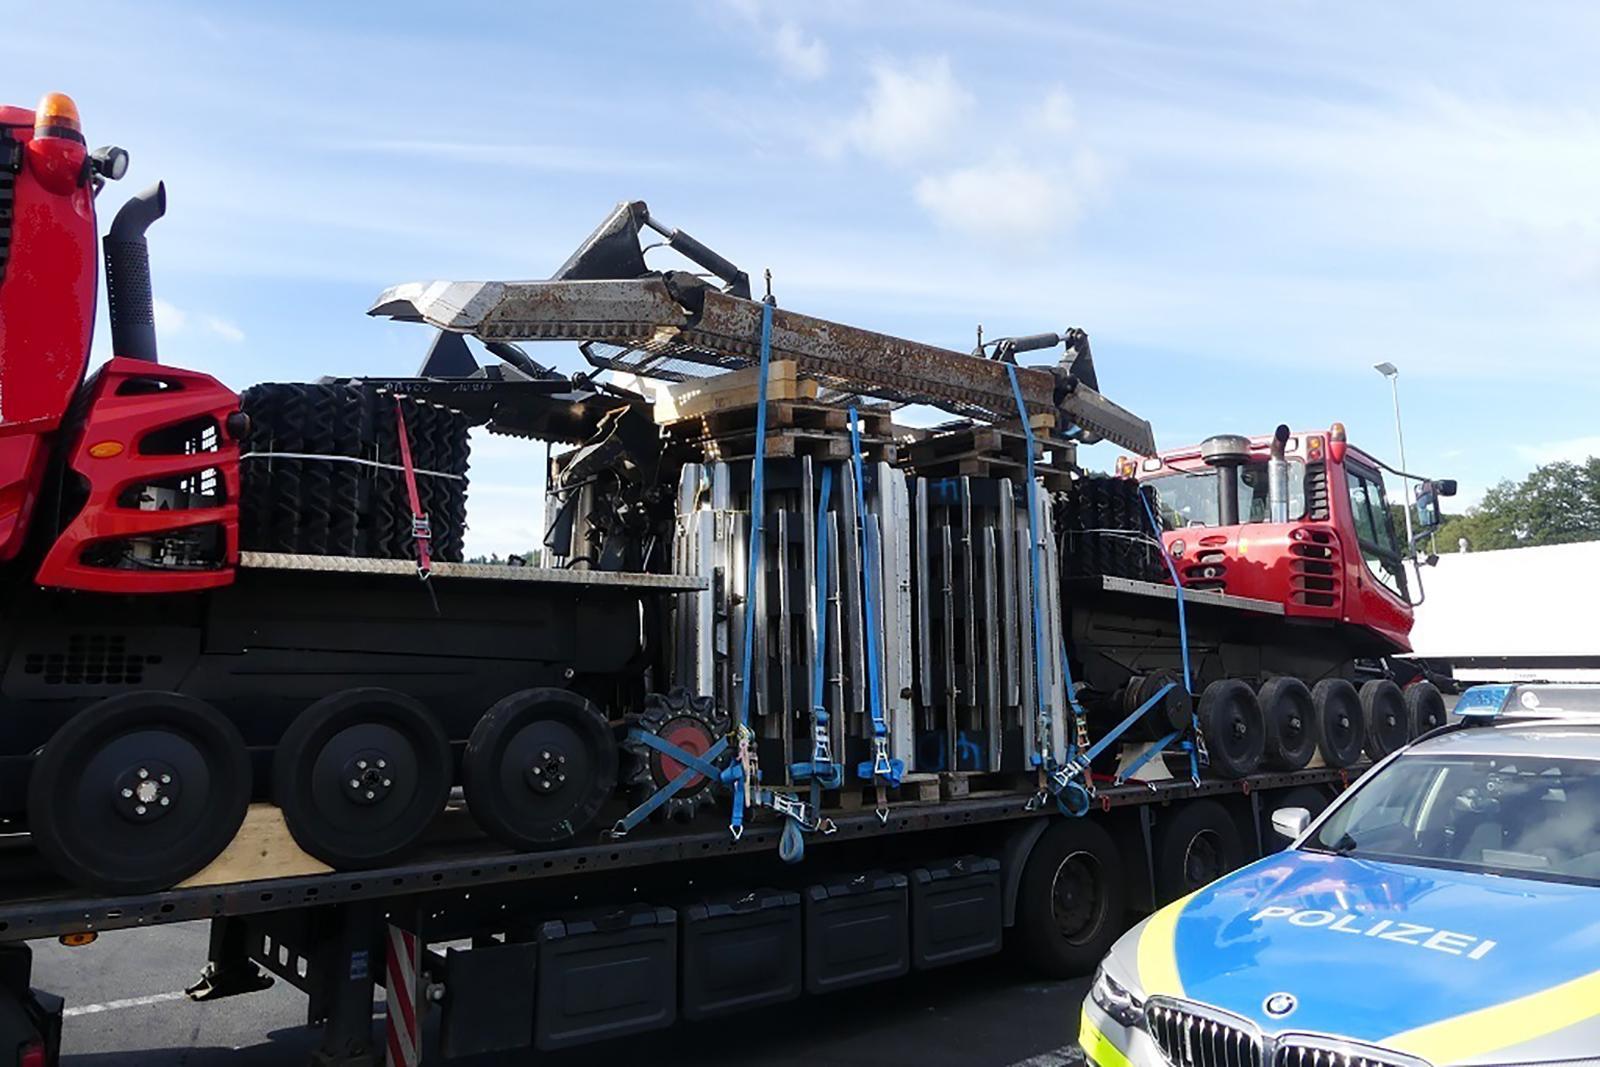 Un camion cu două ratrack-uri, fără niciun sistem de ancorare, oprit de poliția germană